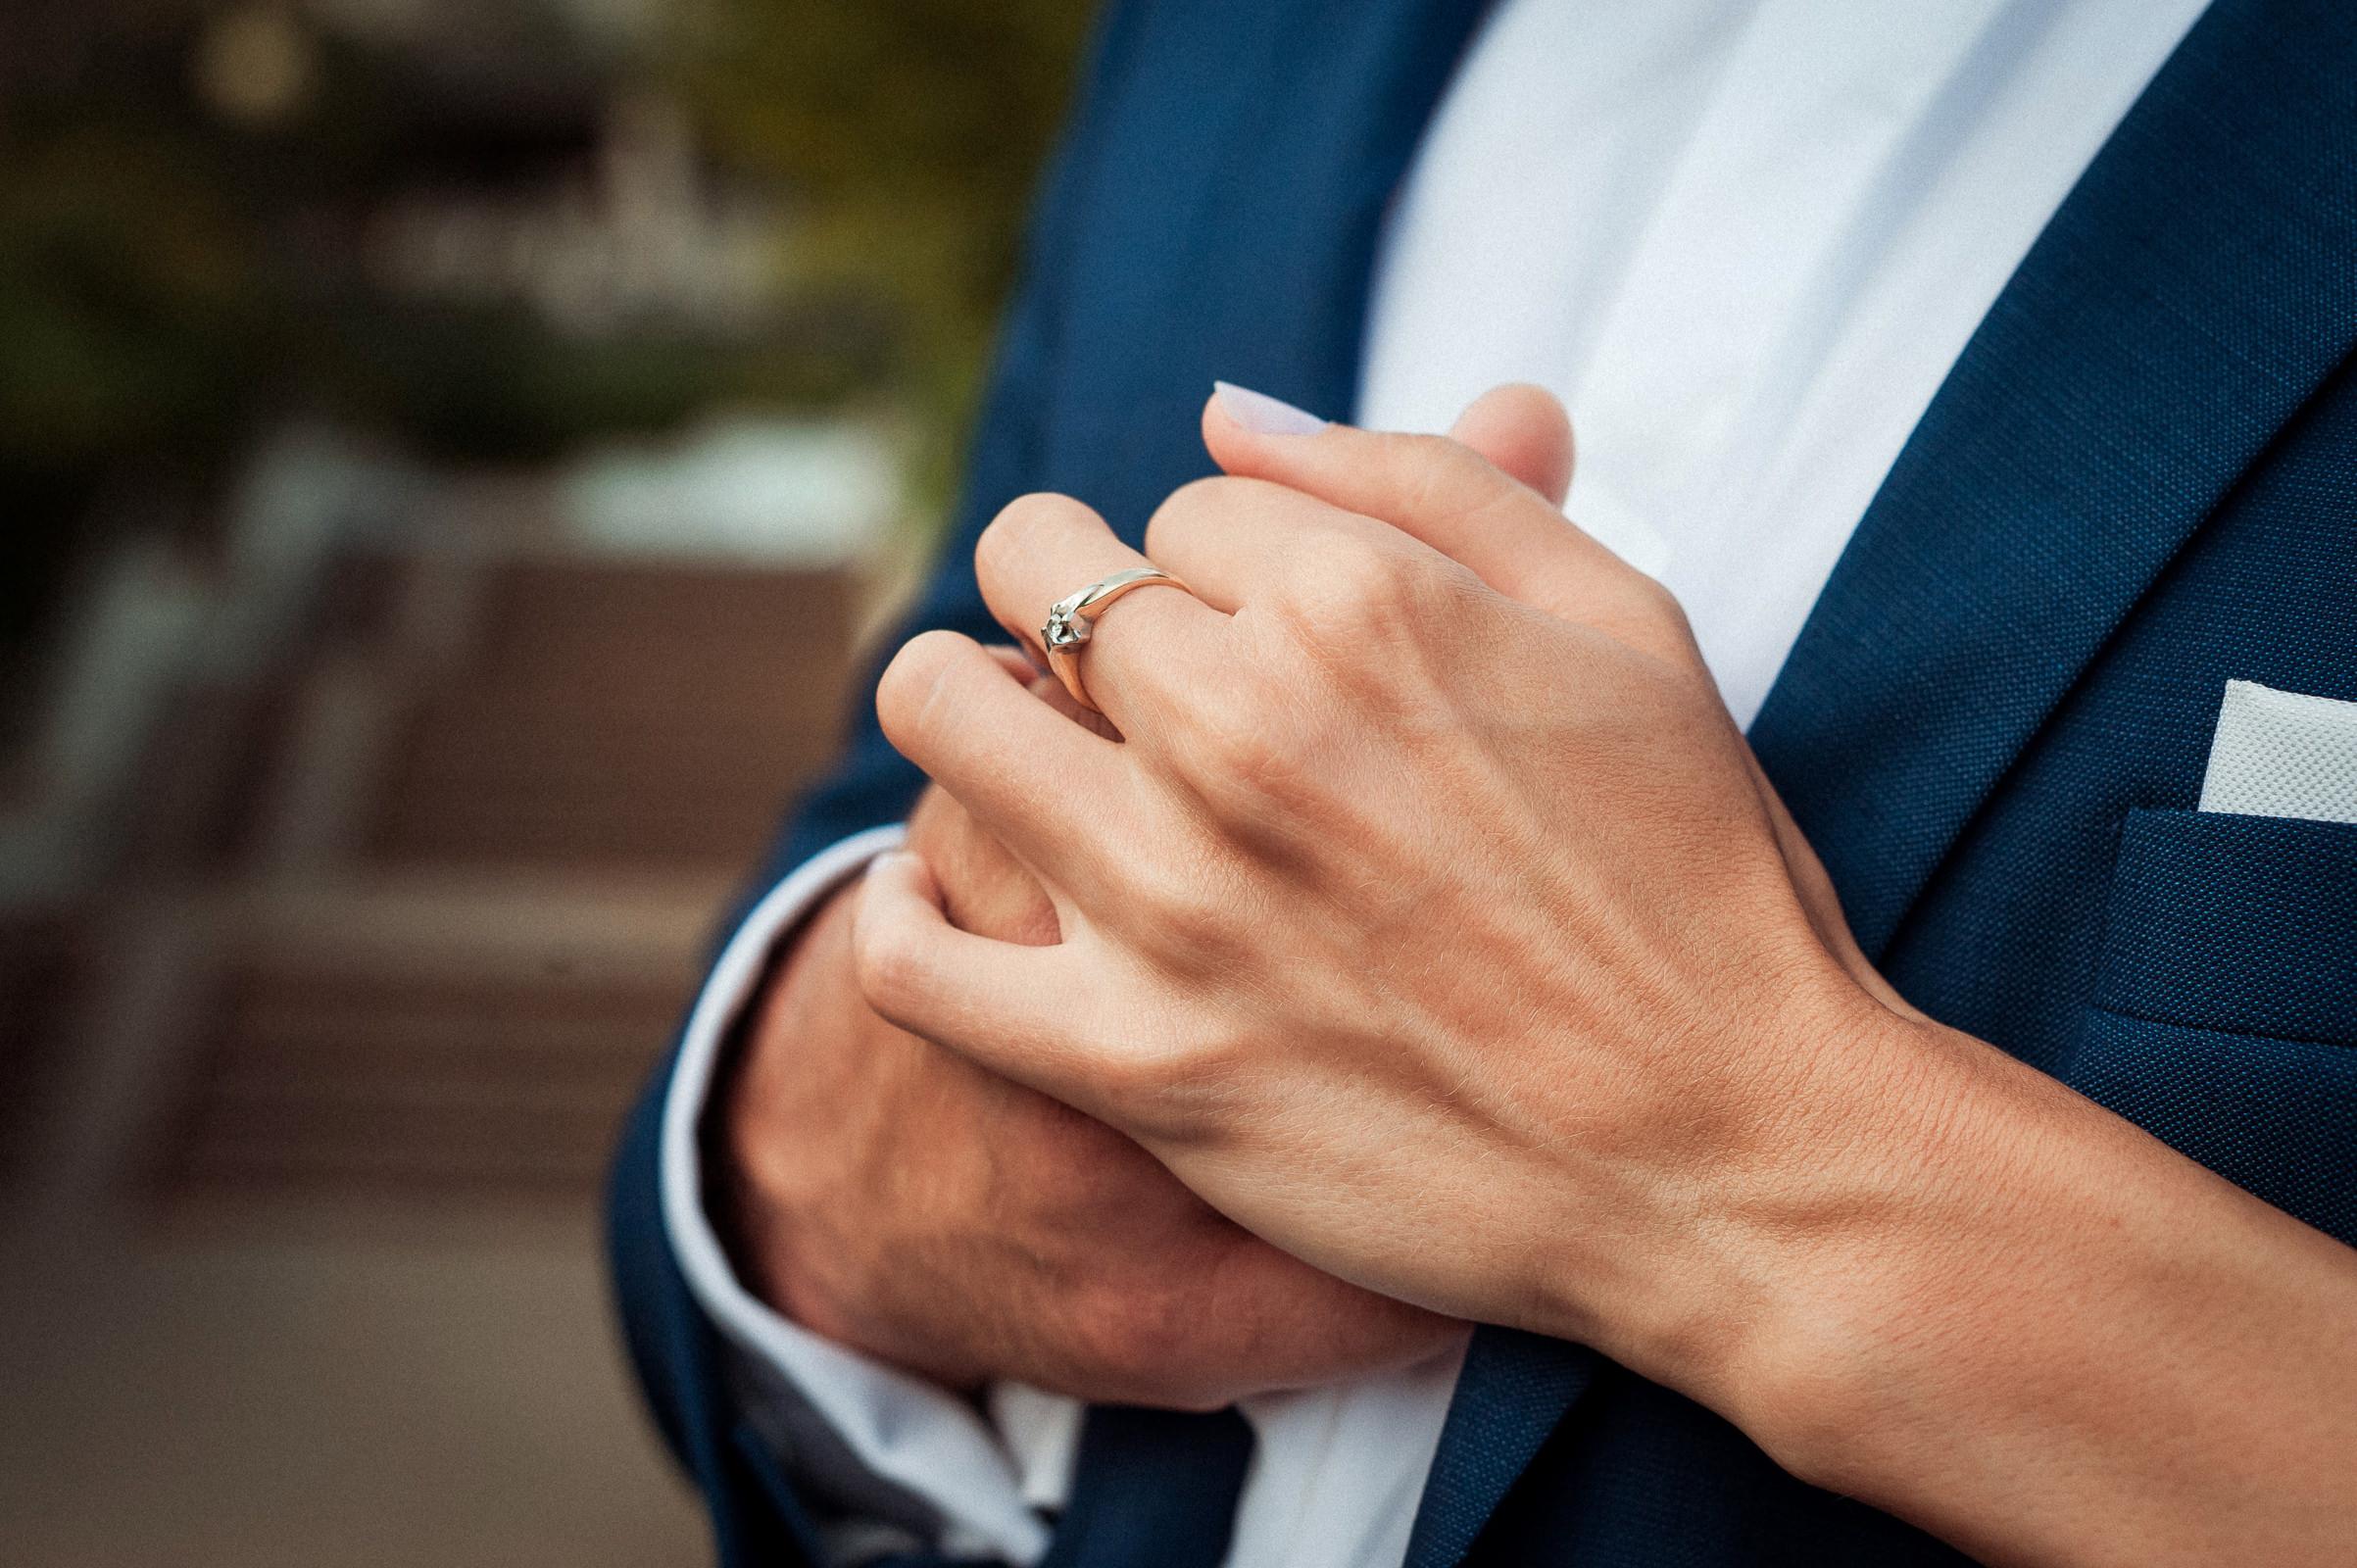 pierścionek zaręczynowy na palcu dłoni ściskanej przez Pana Młodego - sesja zdjęciowa w plenerze